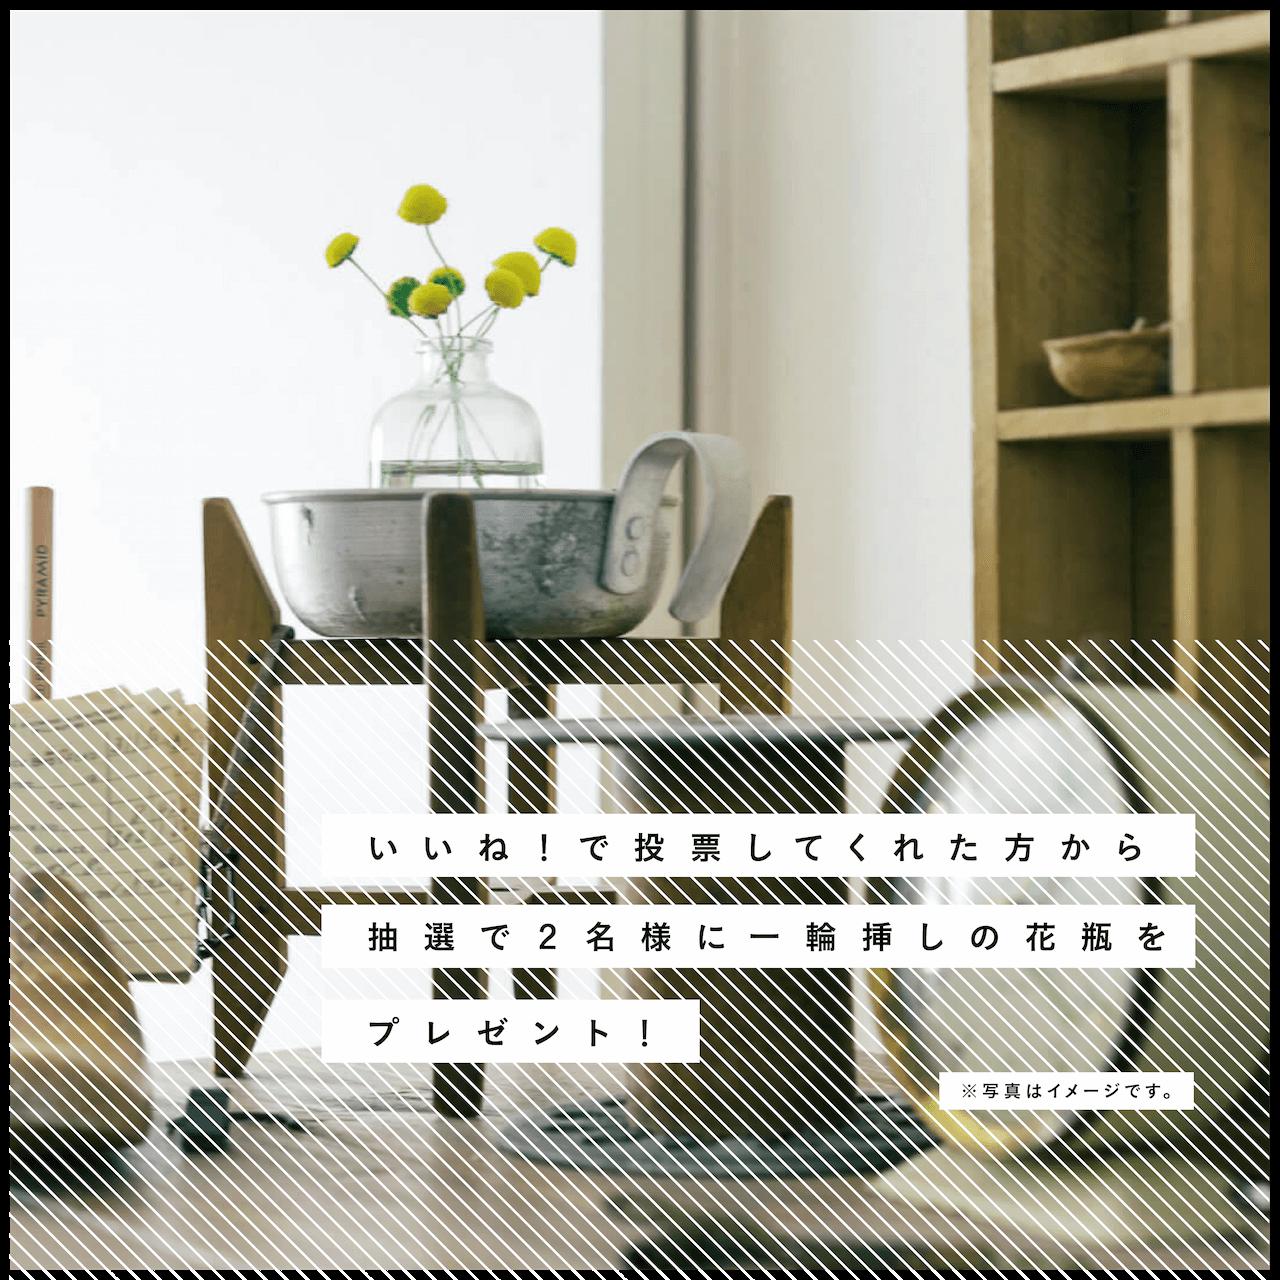 写真はkokkomacha さんのお部屋。goodroom journal 「緑のある暮らし Vol.5 小さなスペースに豊かな世界が広がる、kokkomachaさんのベランダガーデニング」より